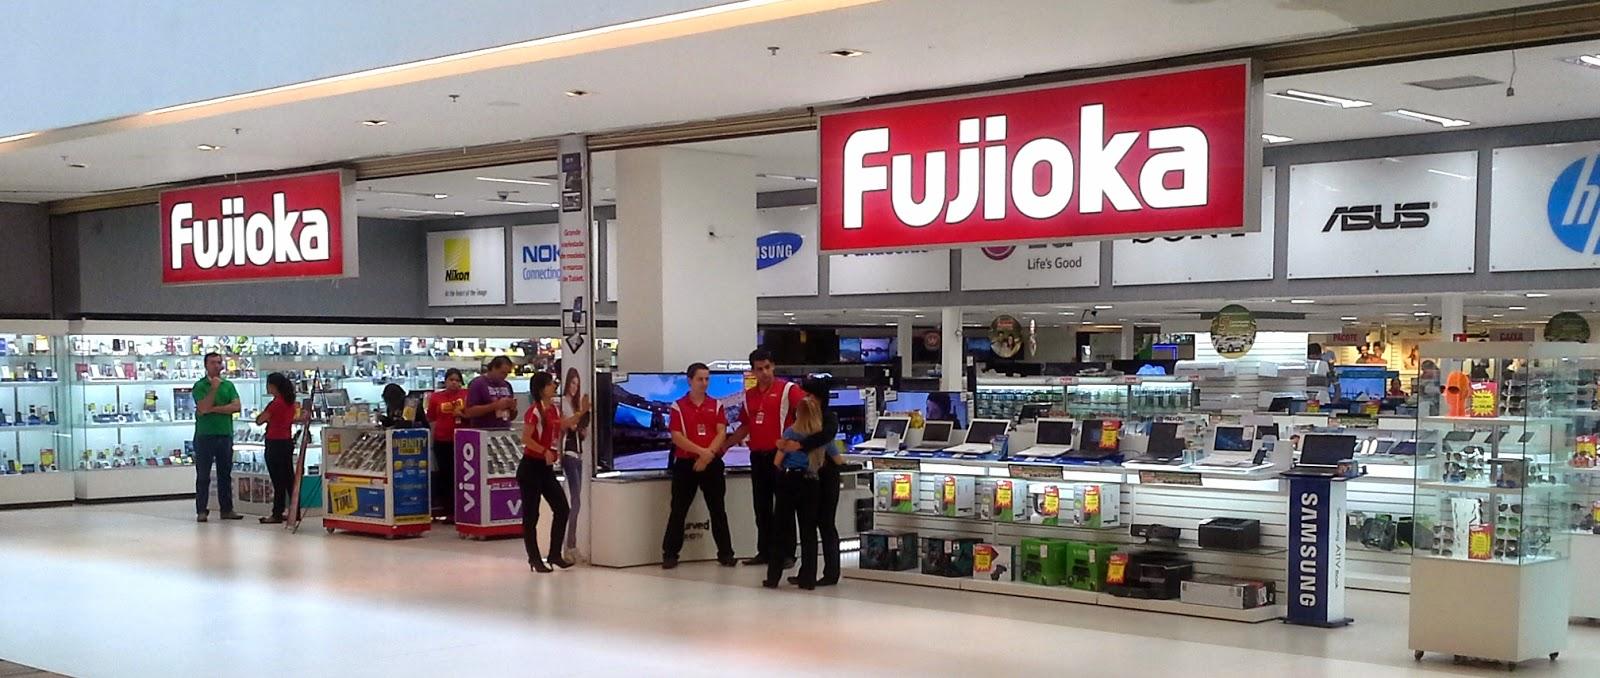 cb8f1322d97d1 Fujioka inaugura loja em Uberlândia na próxima terça-feira (25 11 ...